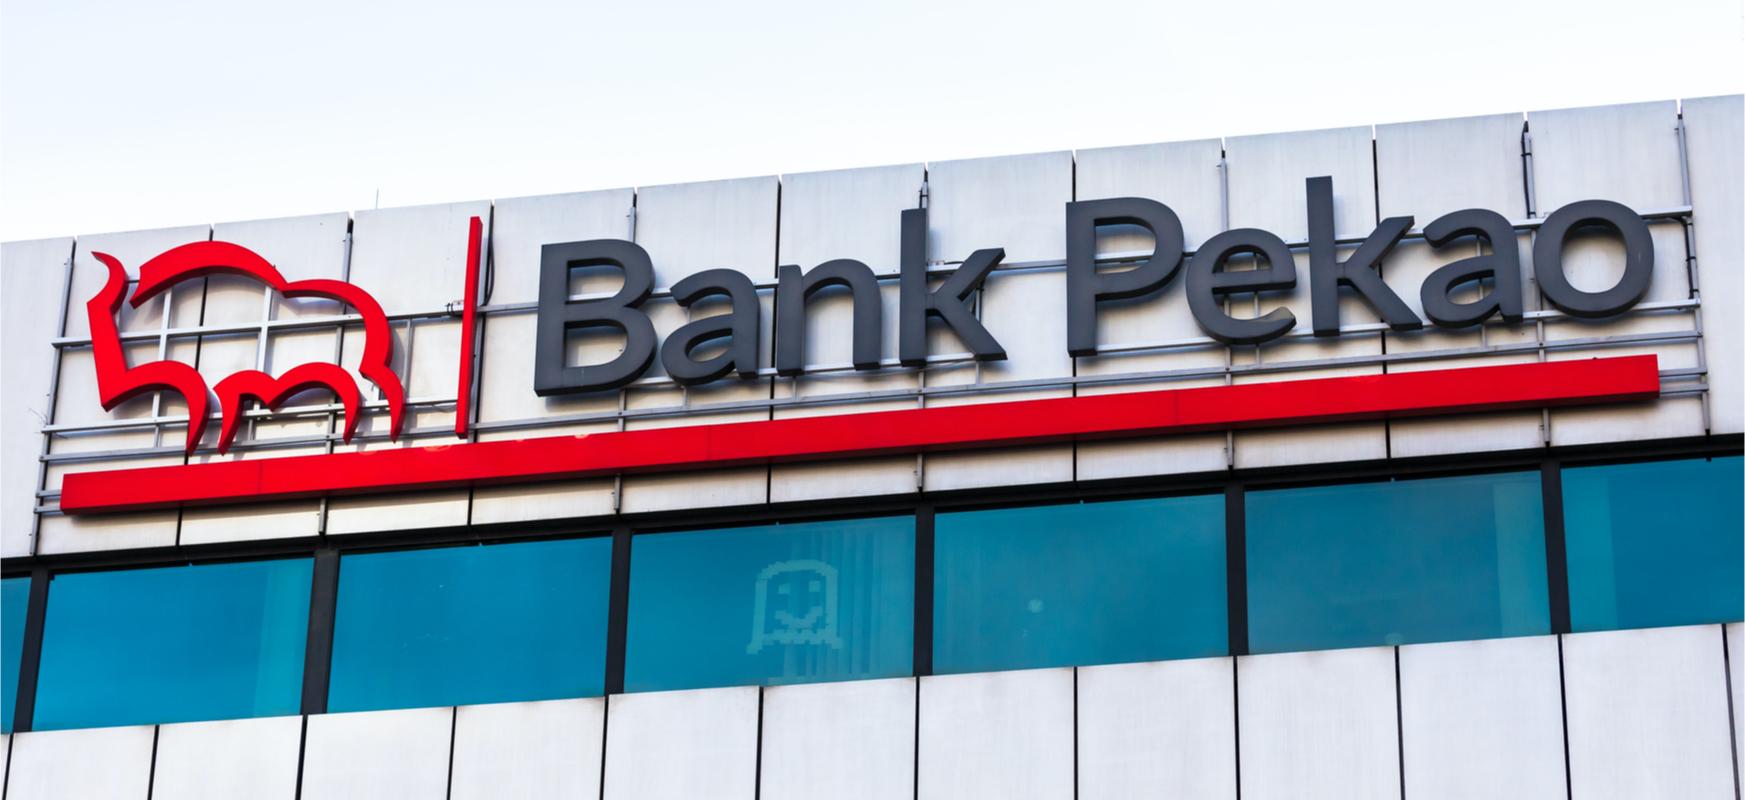 Bank Pekaok urruneko dokumentuak sinatzeko aukera zabalenak eskaintzen ditu